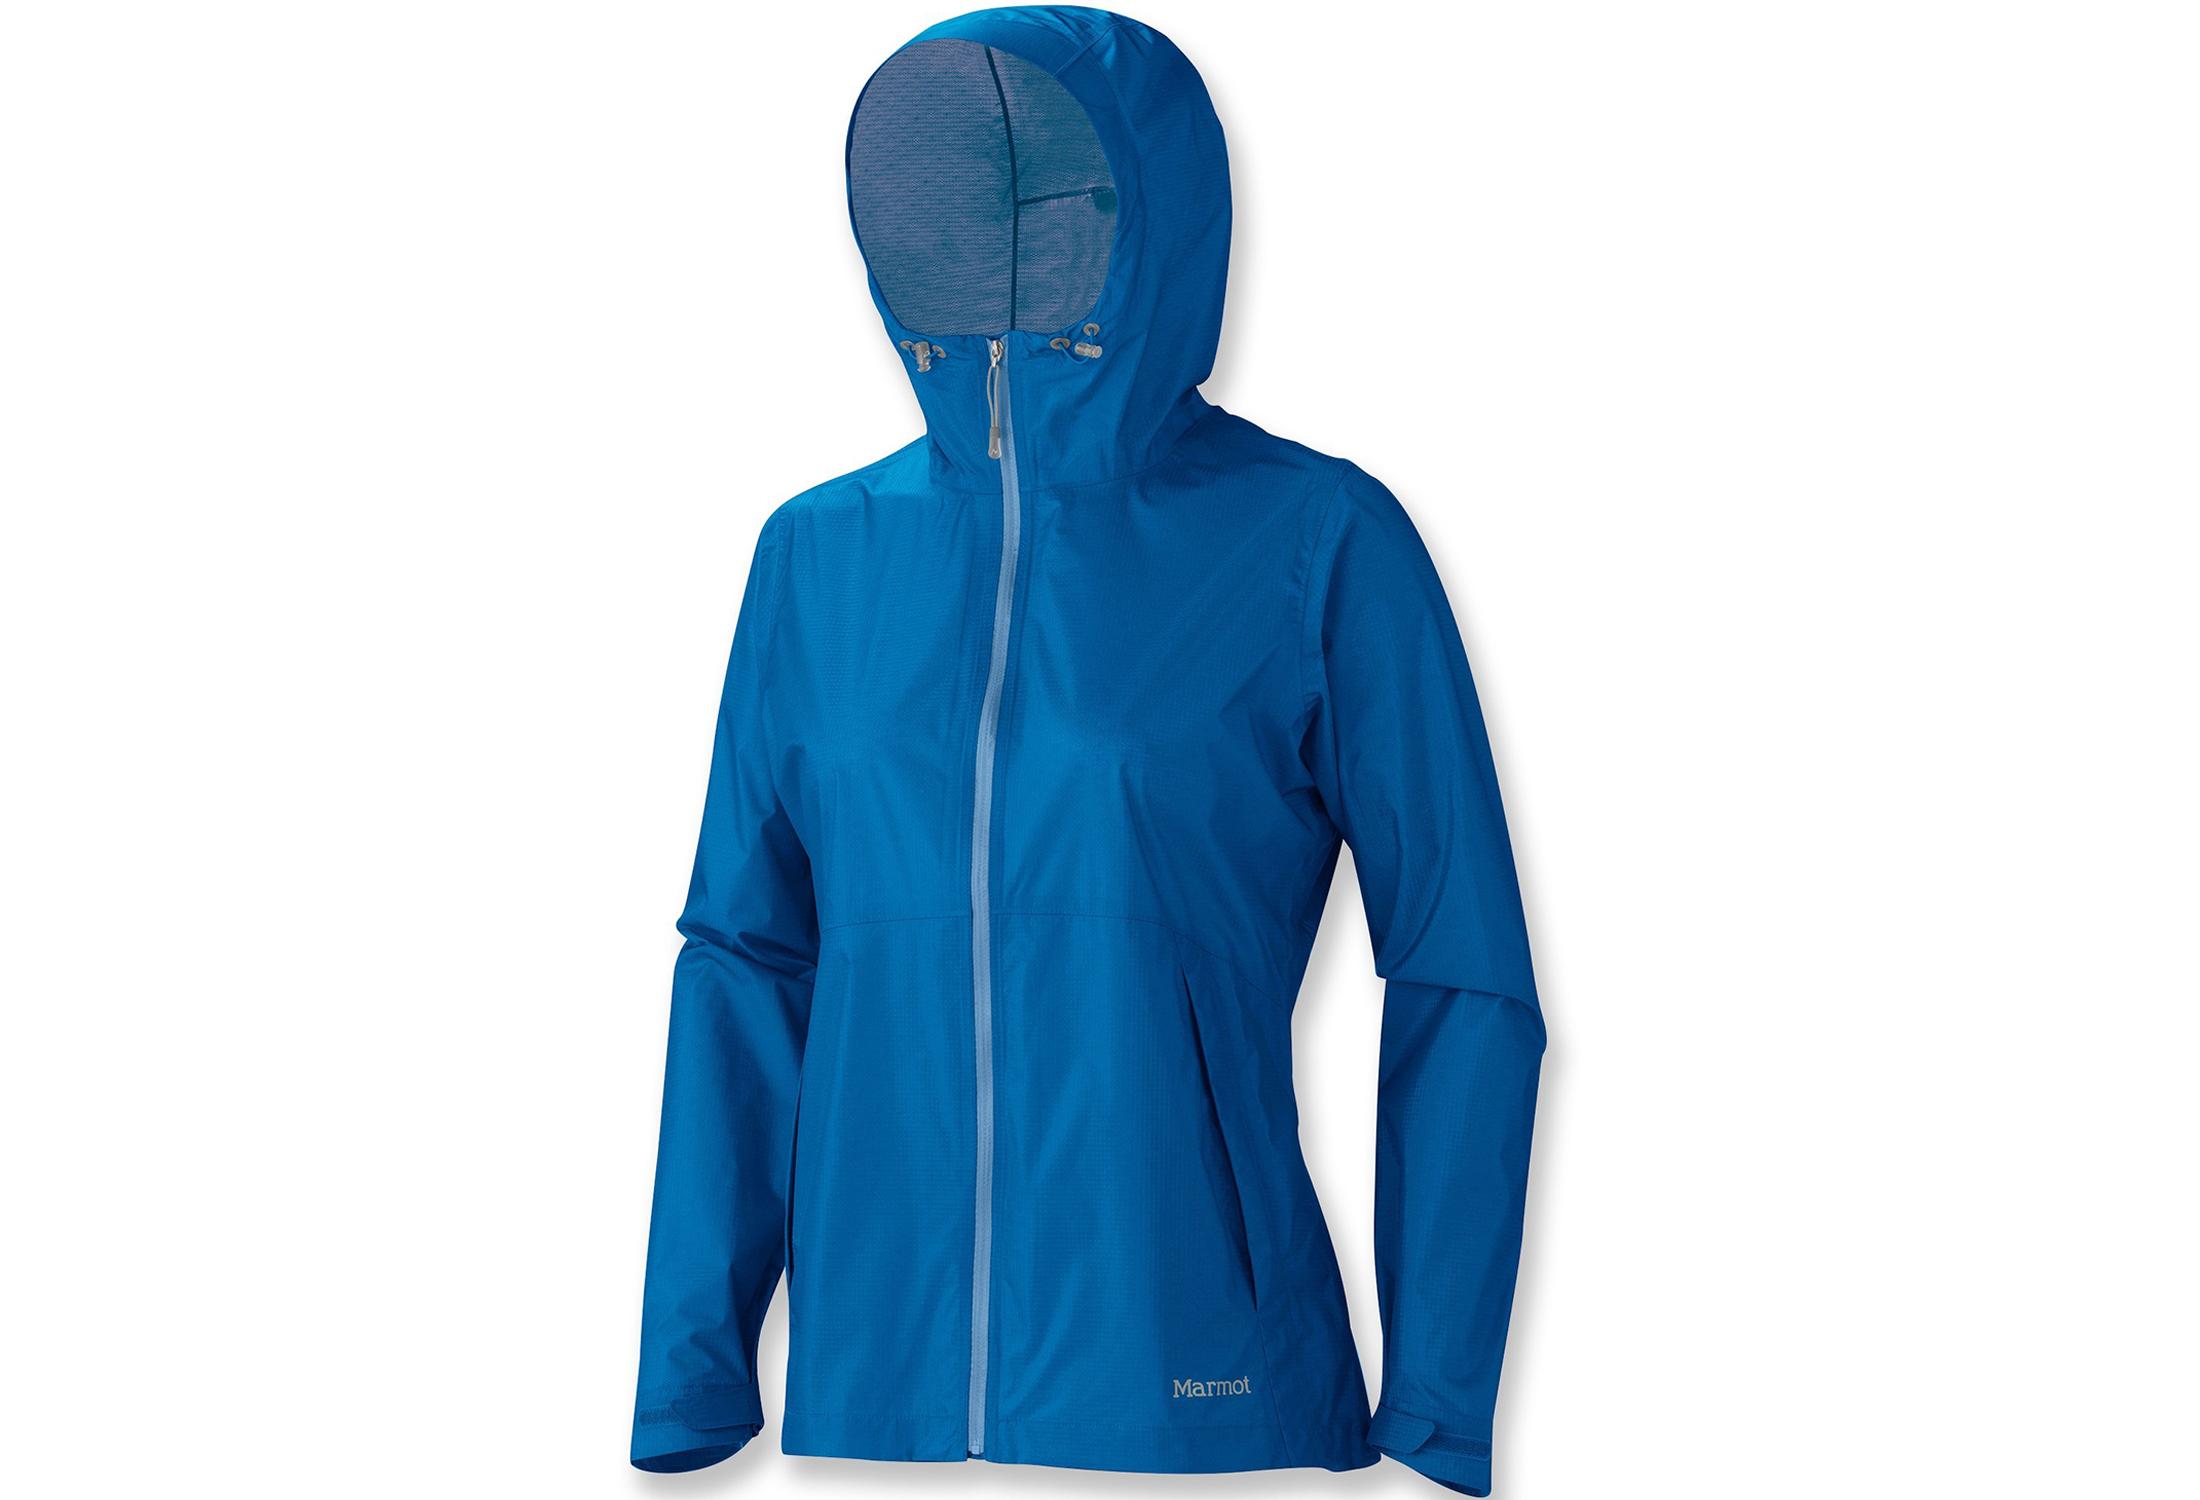 Marmot Crystalline Rain Jacket - Women's